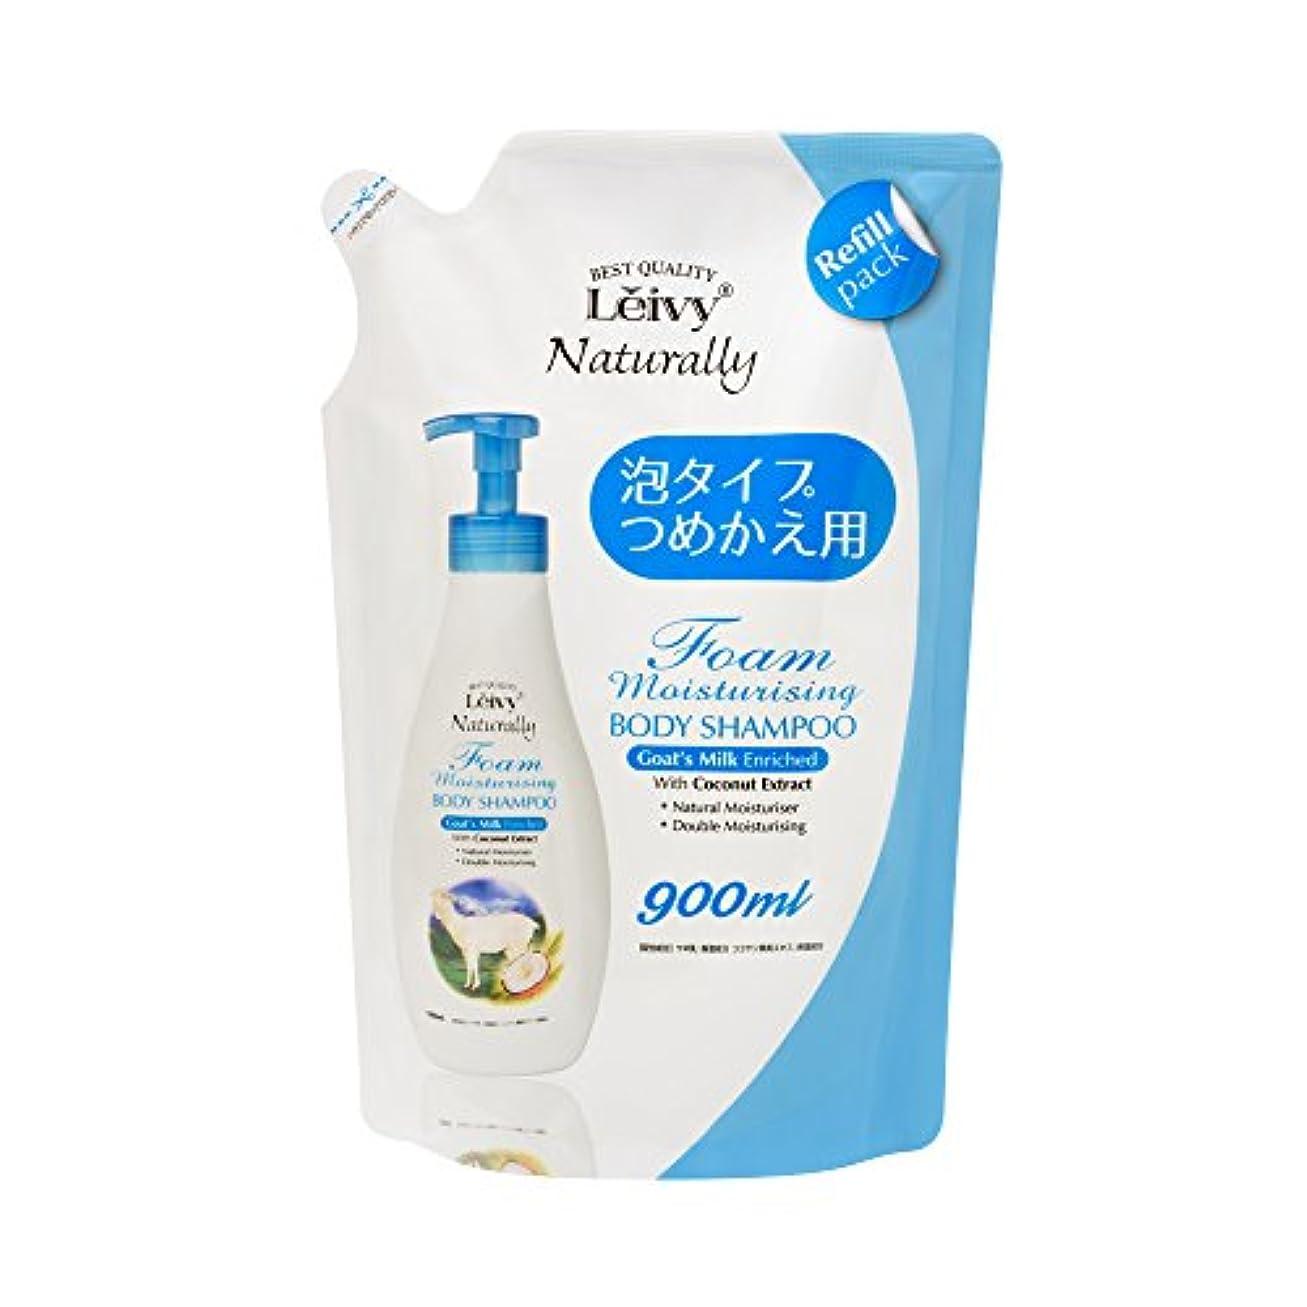 中国ライン明示的にレイヴィー フォームボディシャンプー ゴートミルク 詰替用